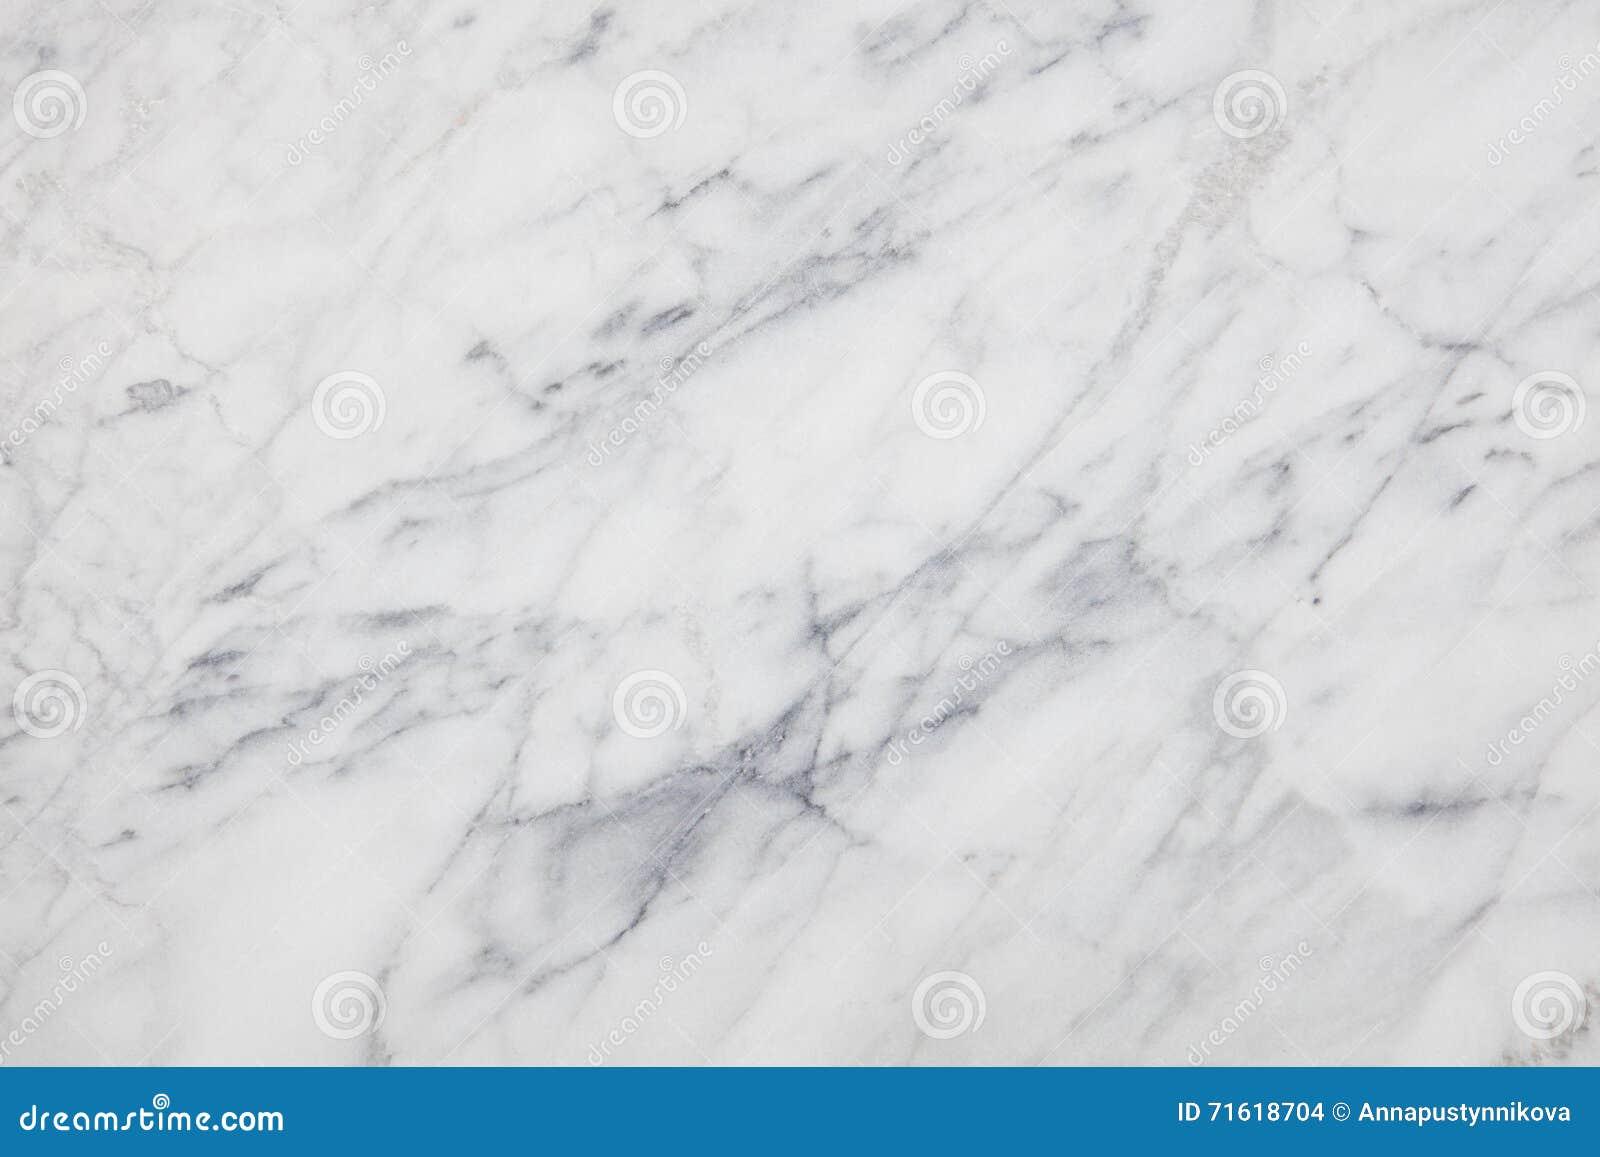 Natuurlijk marmeren steenpatroon als achtergrond met hoge resolutie De hoogste ruimte van het meningsexemplaar